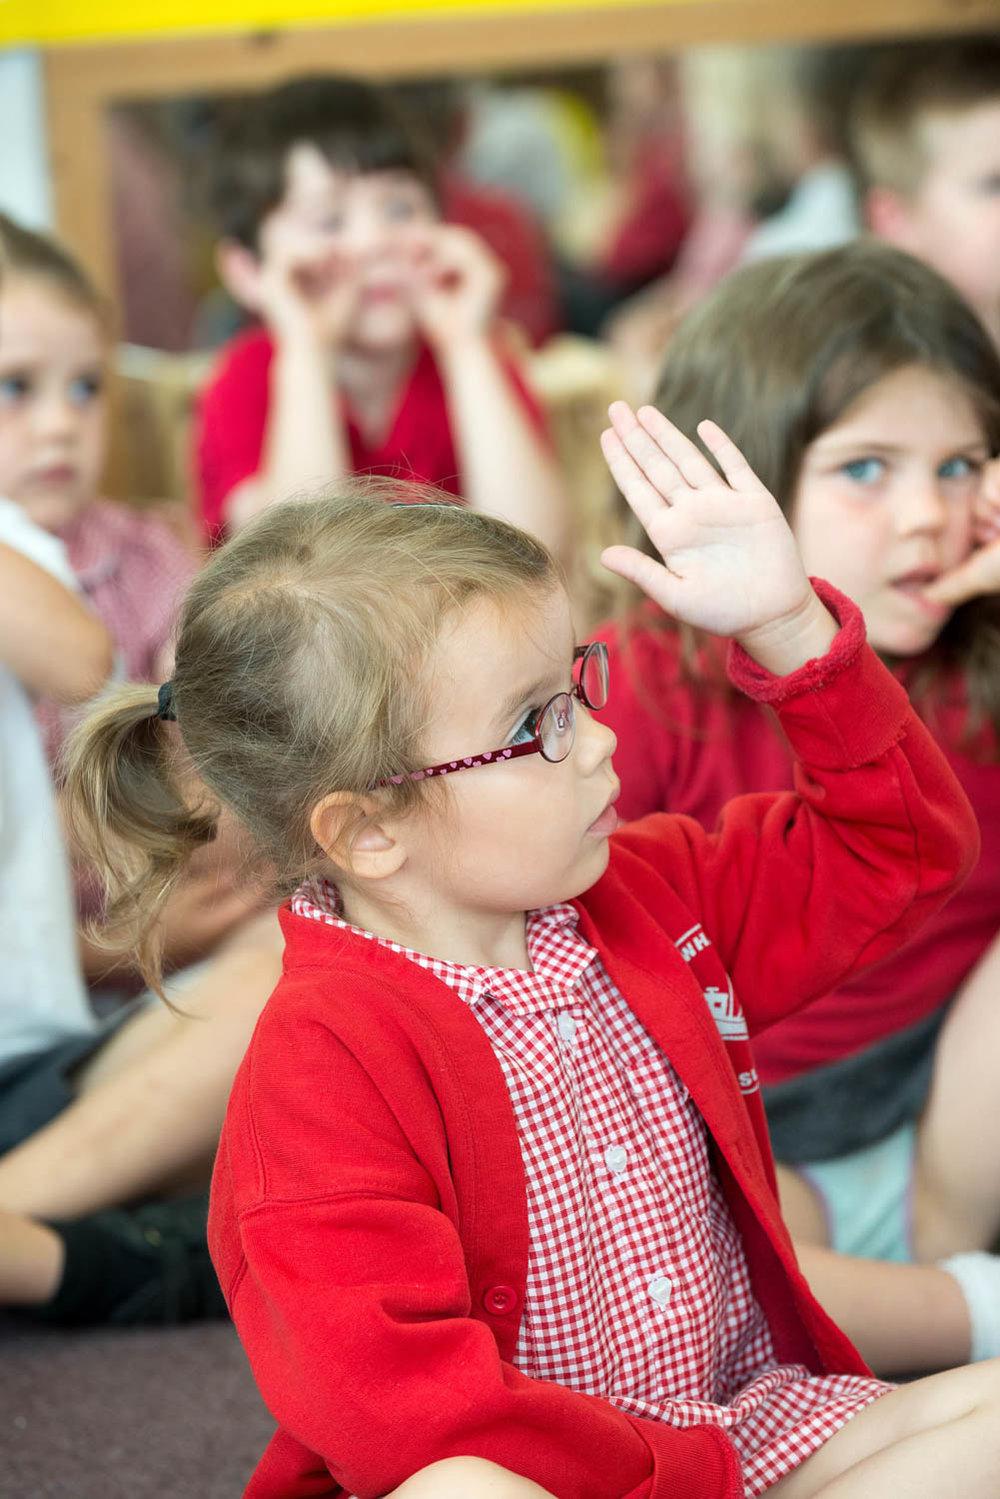 Primary school children in classroom